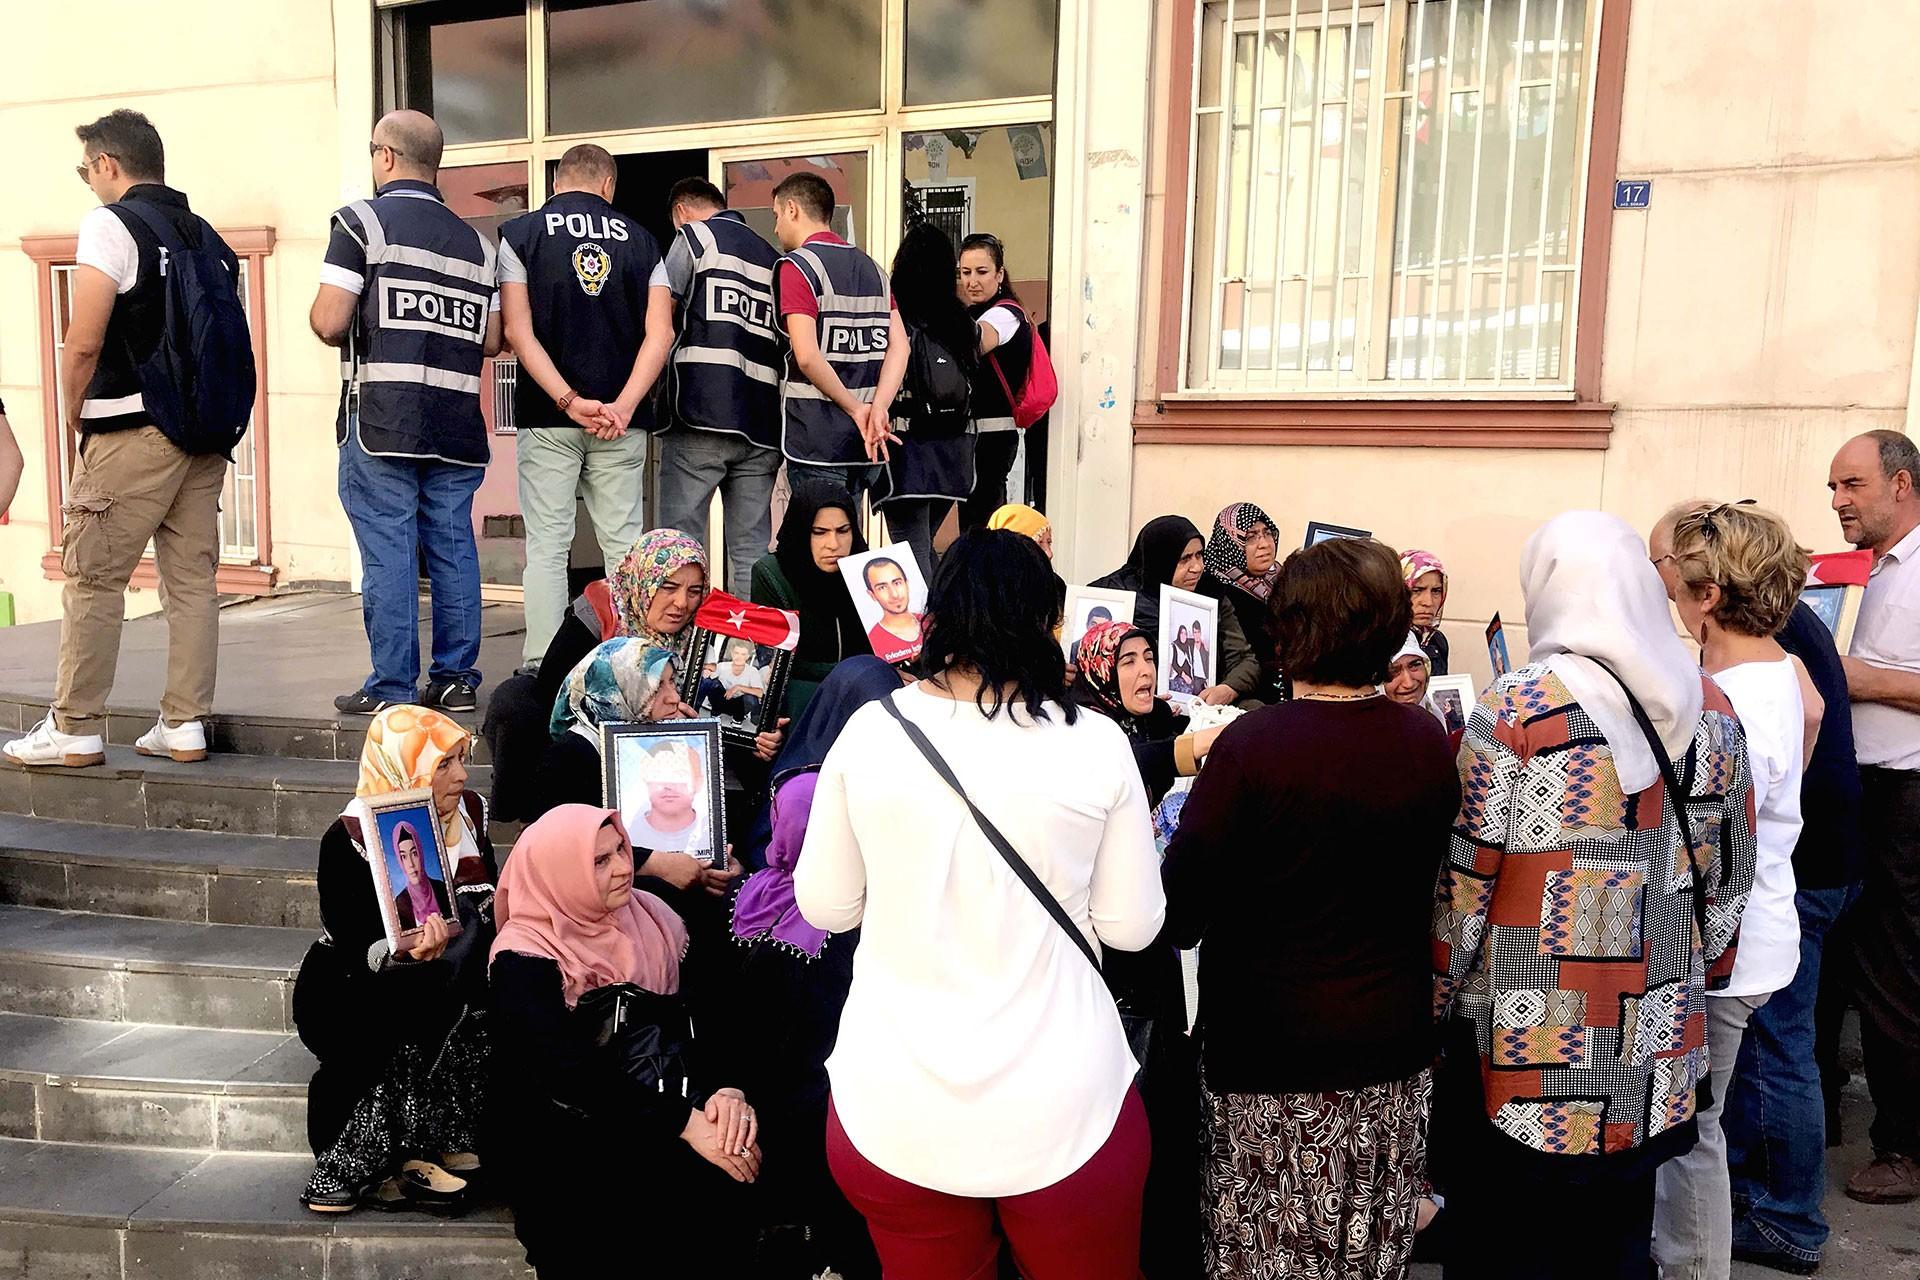 Diyarbakırlılar annelere seslendi: Barış için herkes elini taşın altına koymalı